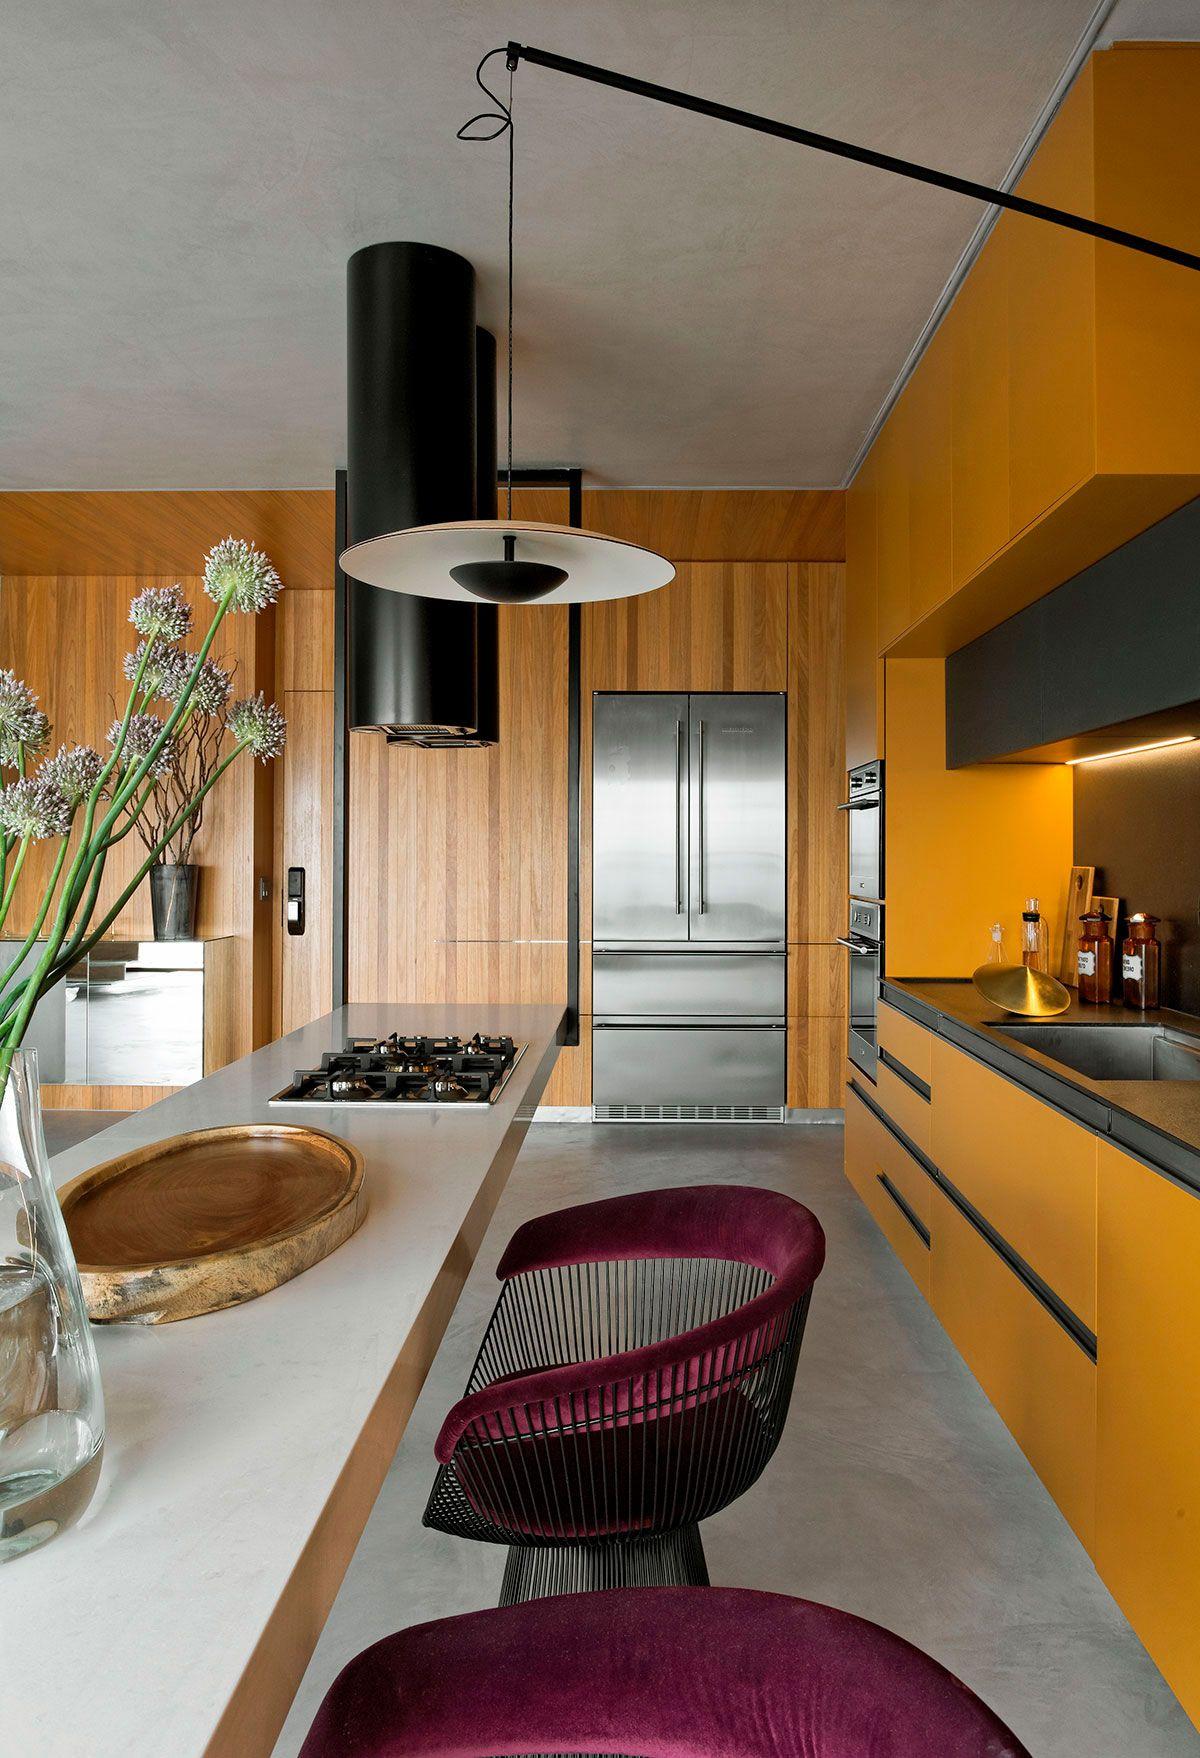 Cozinha Dijon Cozinhas Tradicionais Decoracao Cozinha Cozinha